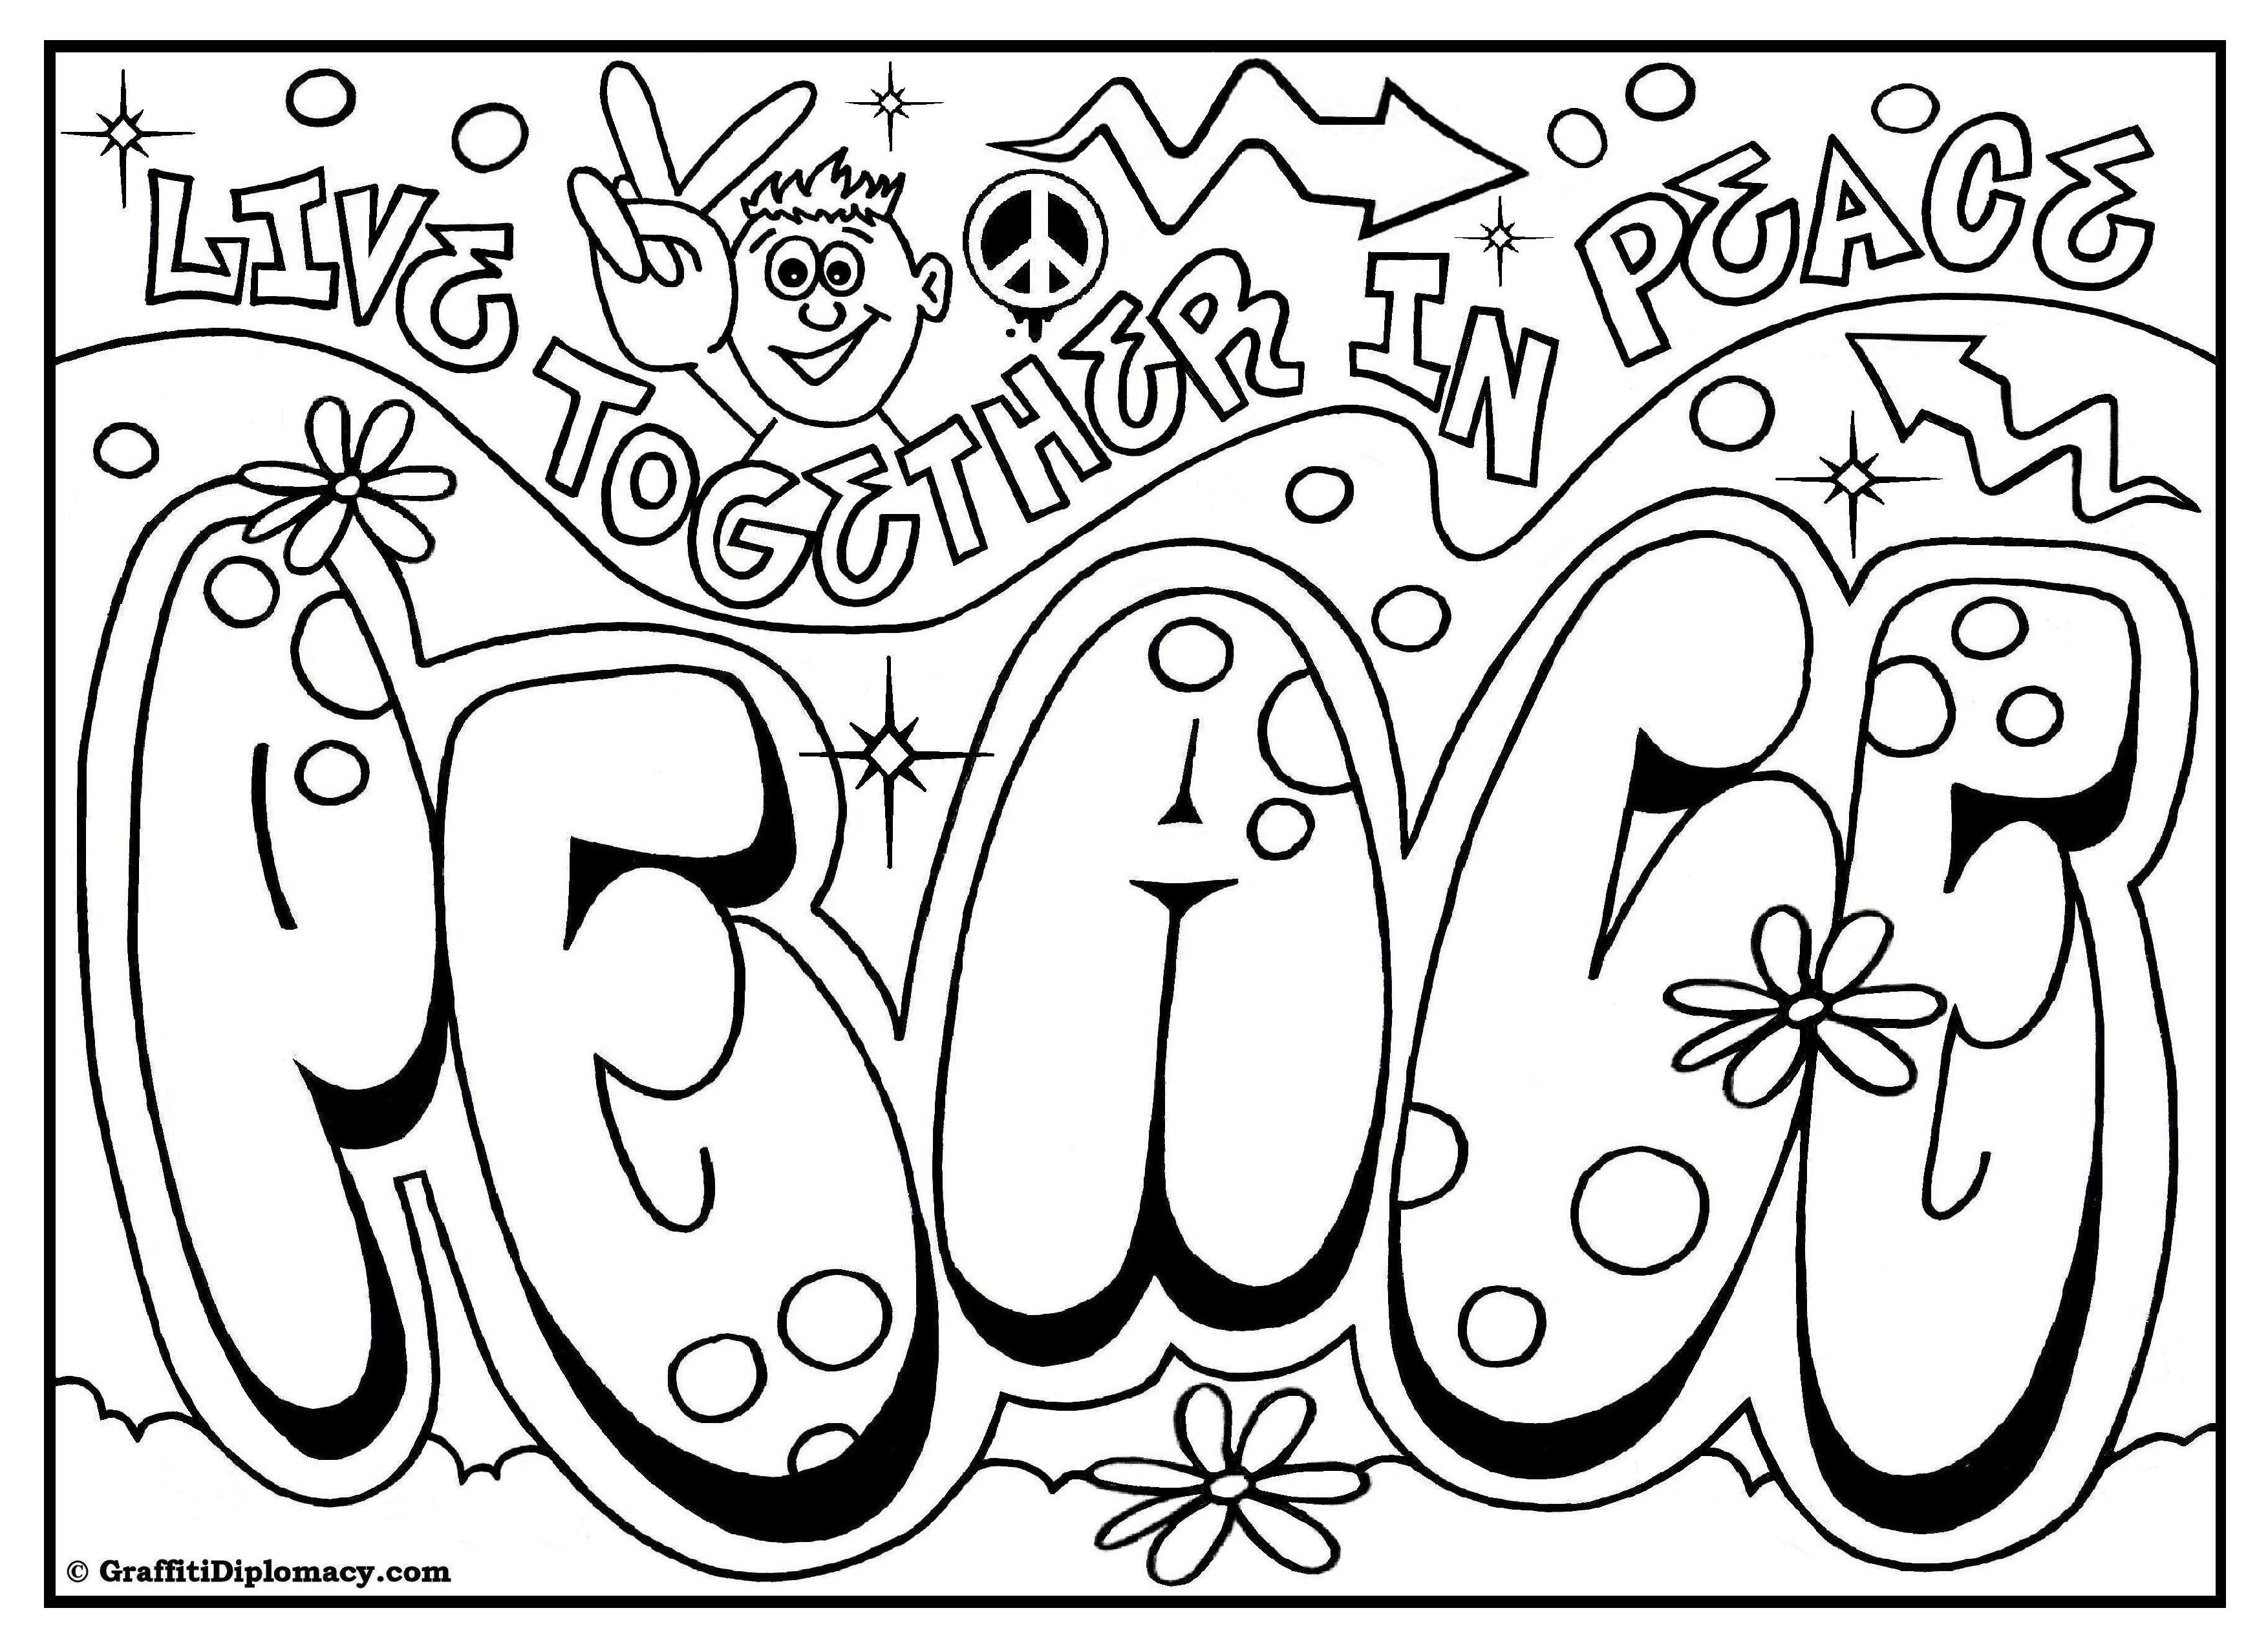 Graffiti Schrift Zum Ausmalen Inspirierend 45 Inspirierend Ausmalbilder Graffiti Love Mickeycarrollmunchkin Fotografieren